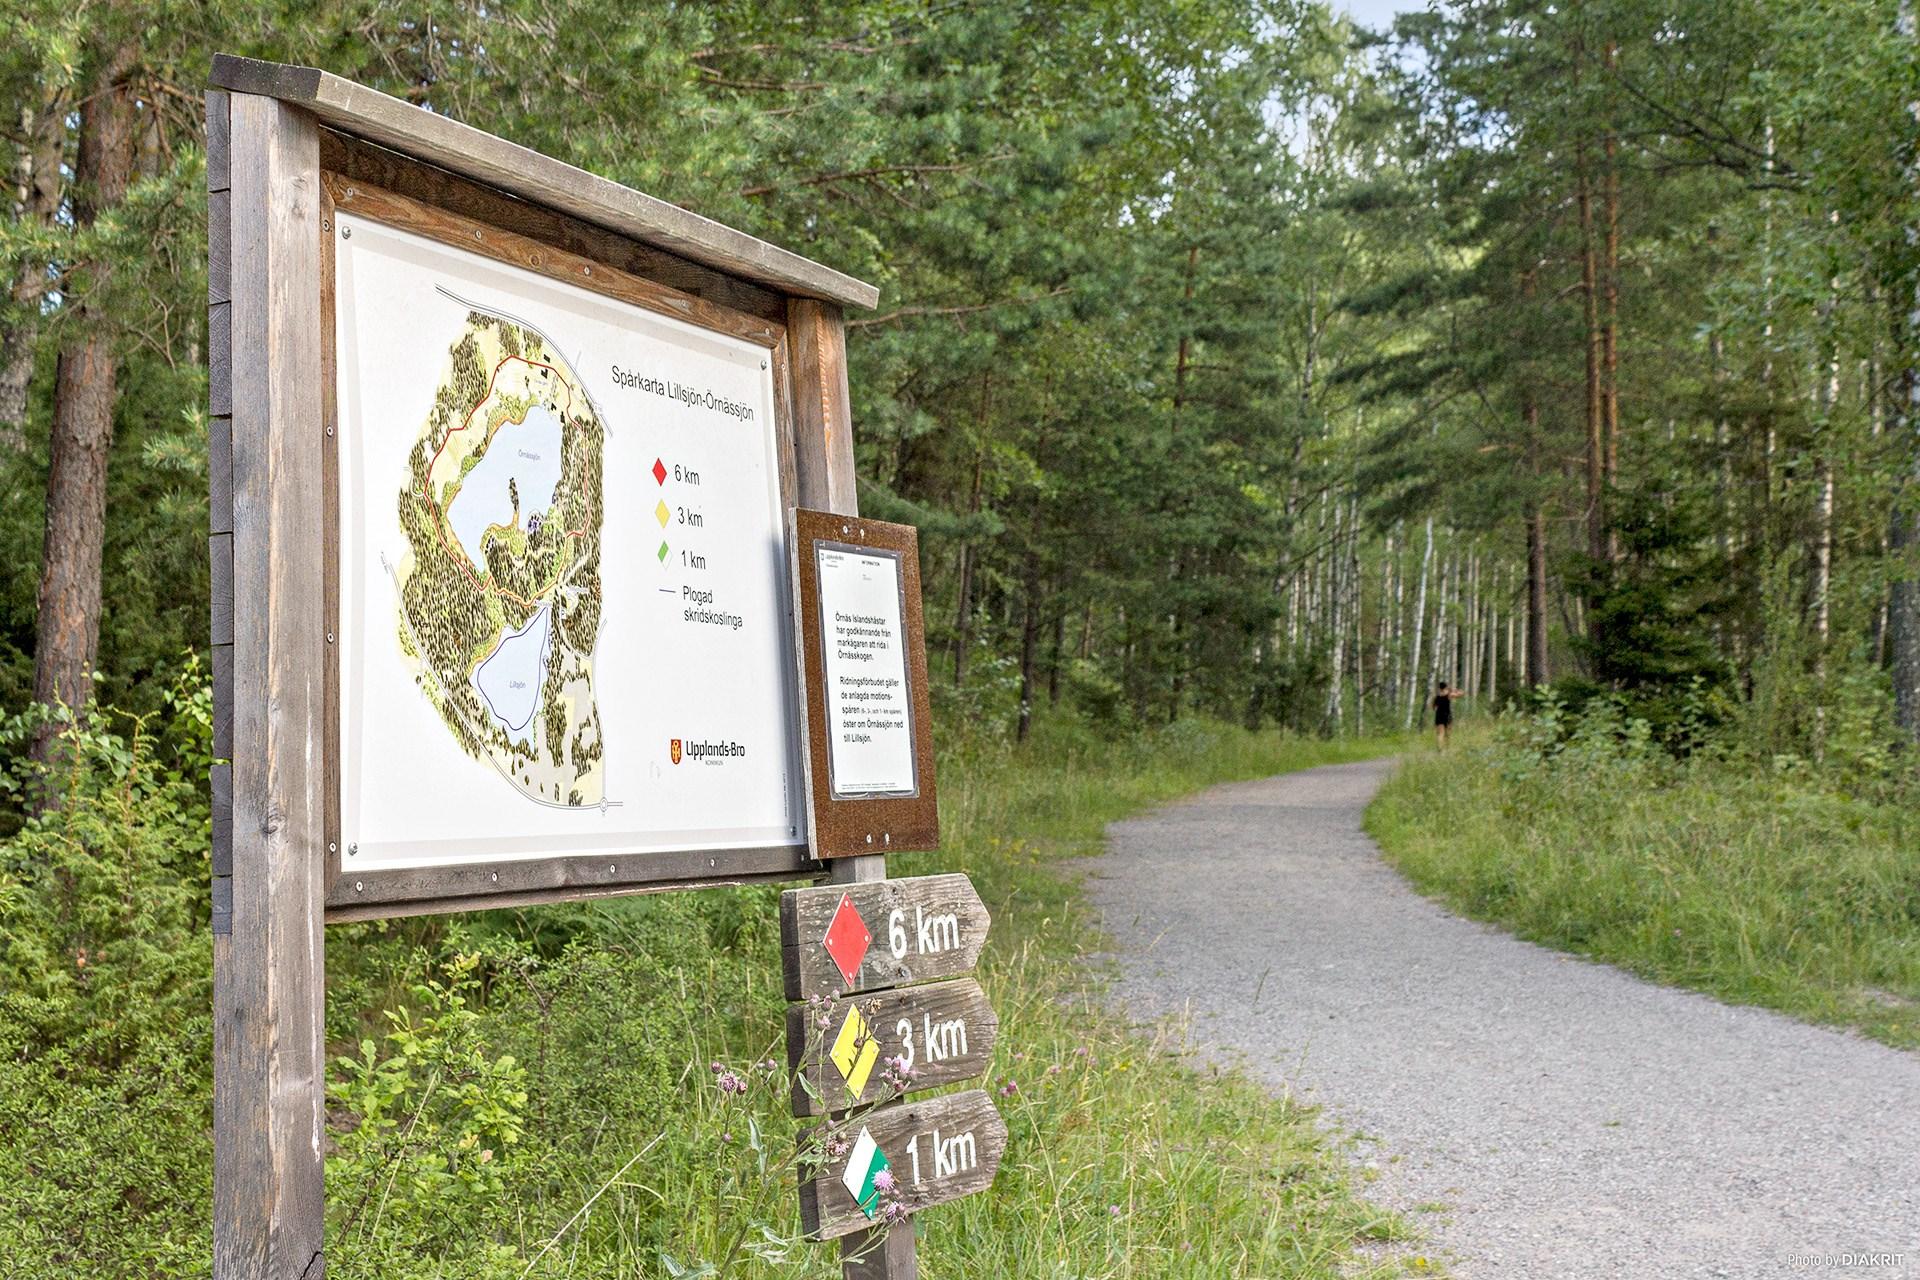 Löprunda i skogen, hur långt vill du springa?